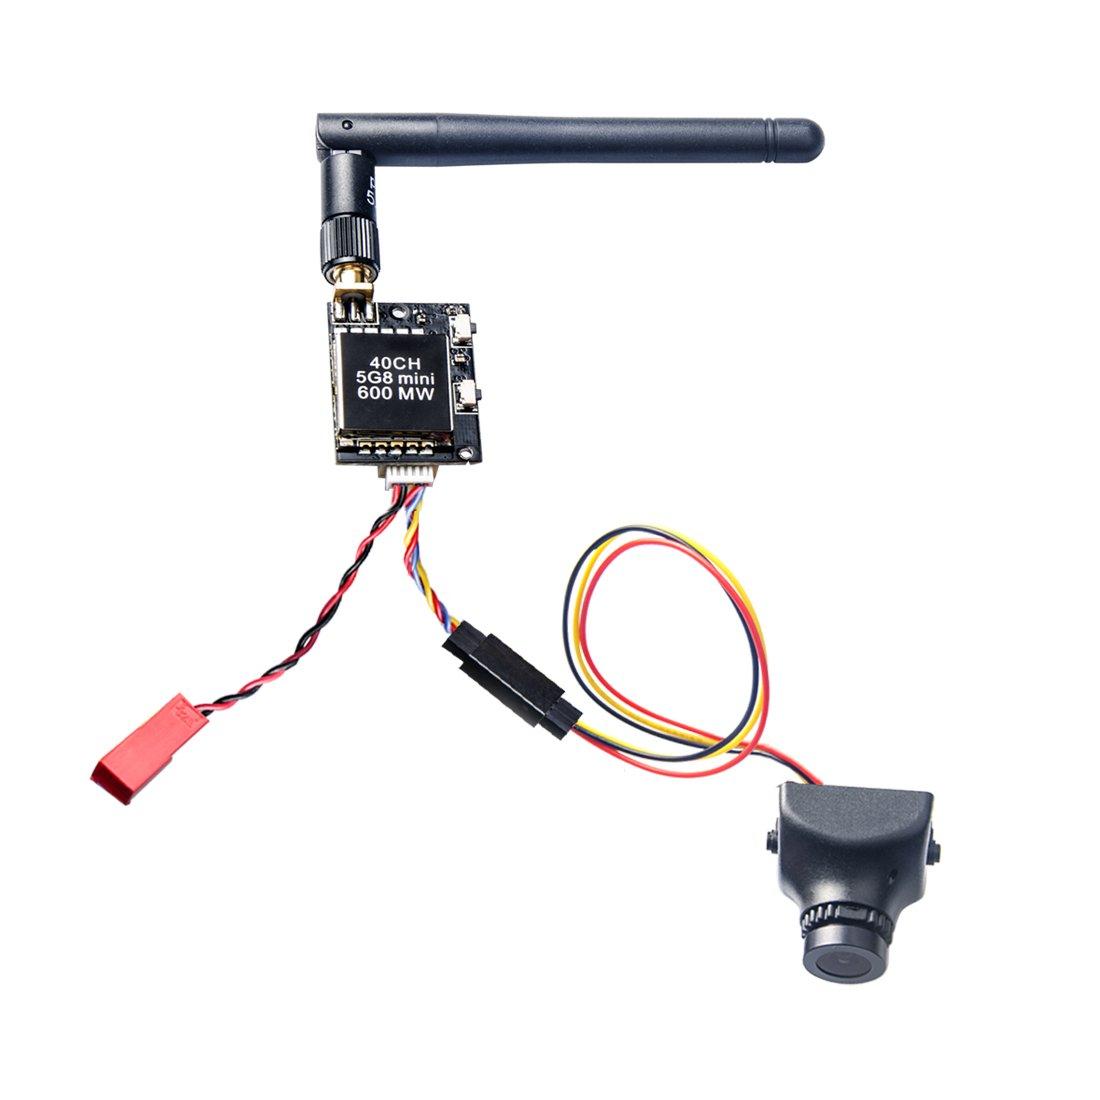 AKK KC04 5.8G 600mW FPV Transmitter 700TVL 2.8mm 120 Degree FPV Camera for Racing Quadcopter by AKK